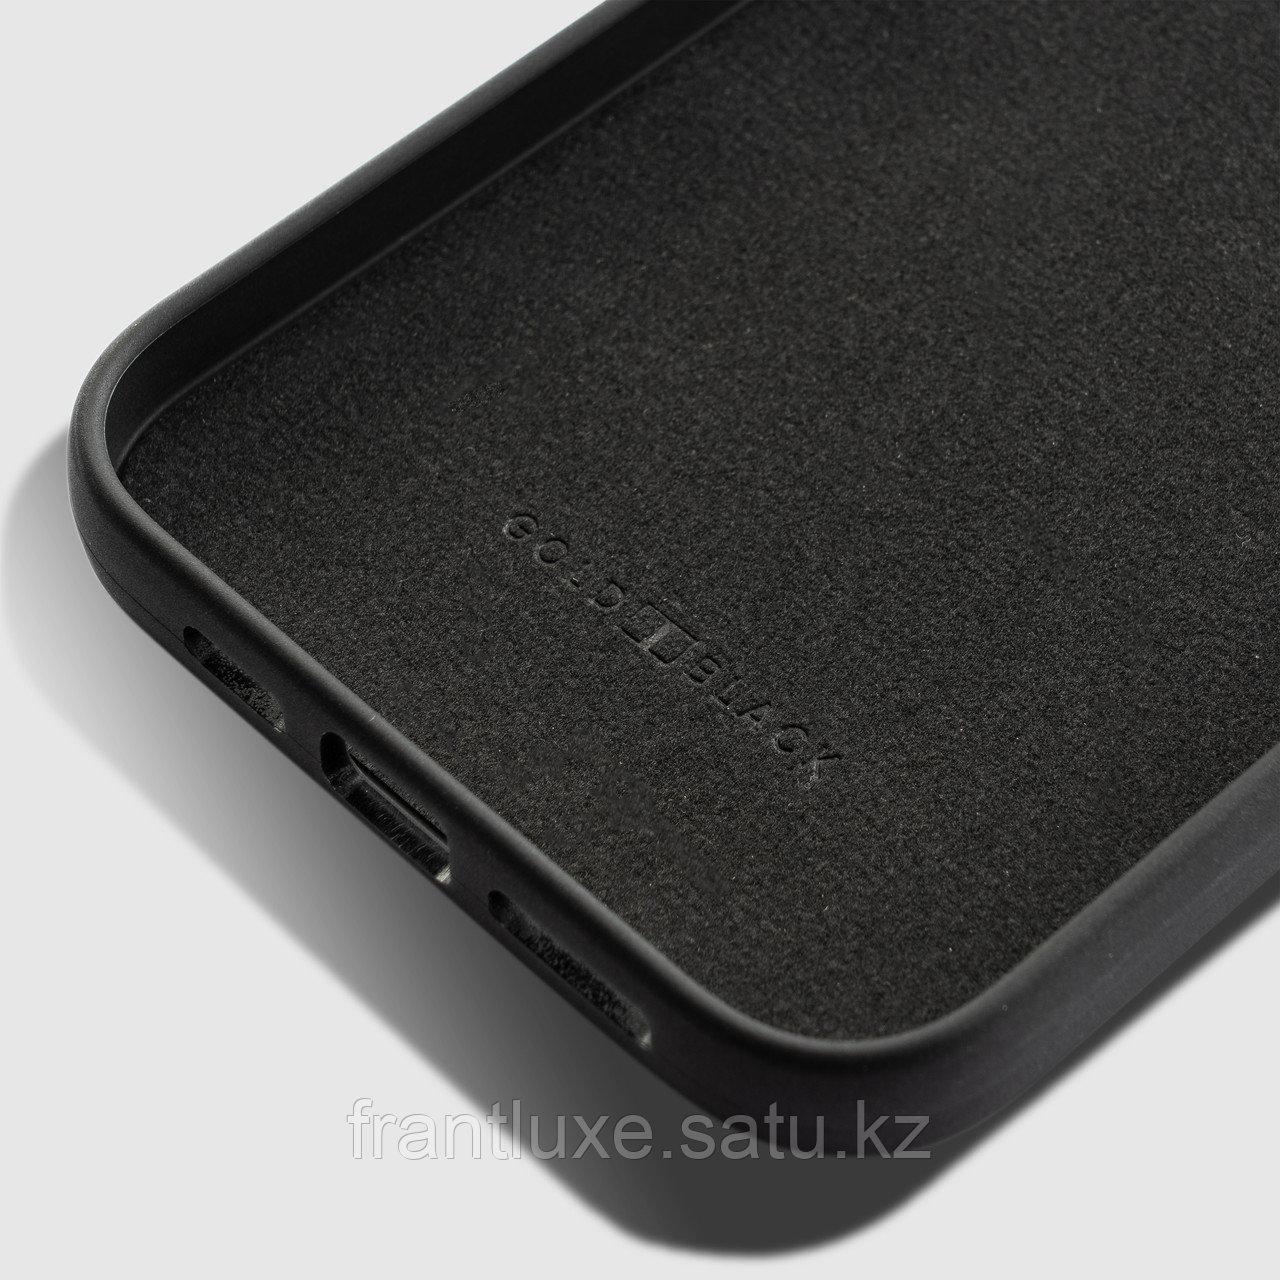 Чехол для телефона iPhone 12 Pro Max Nappa чёрный - фото 2